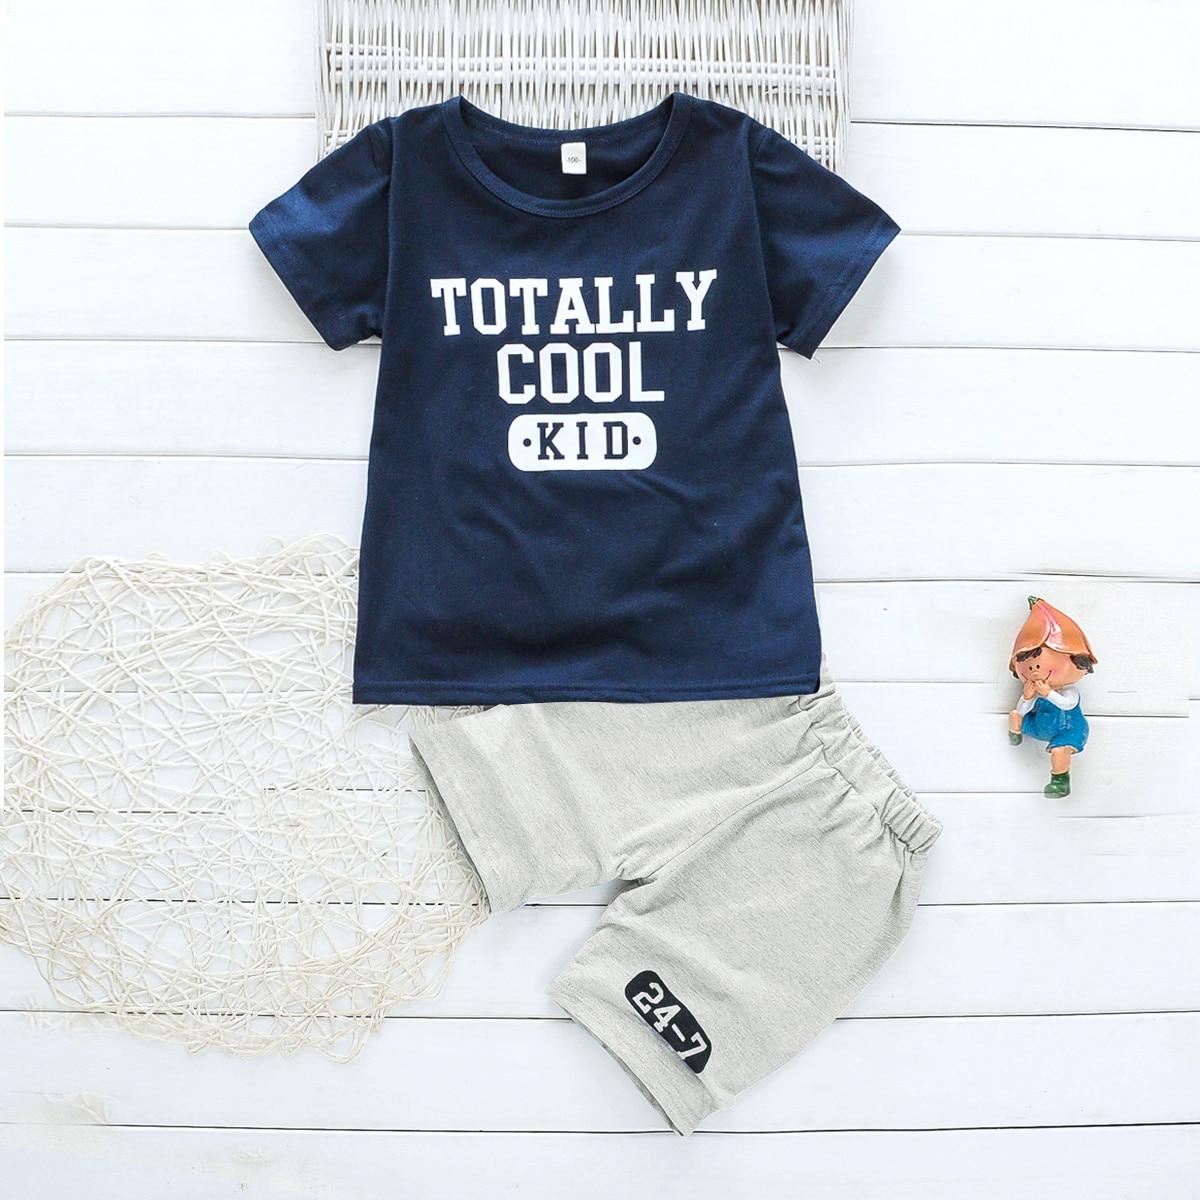 Шорты и футболка с текстовым принтом для мальчиков от SHEIN